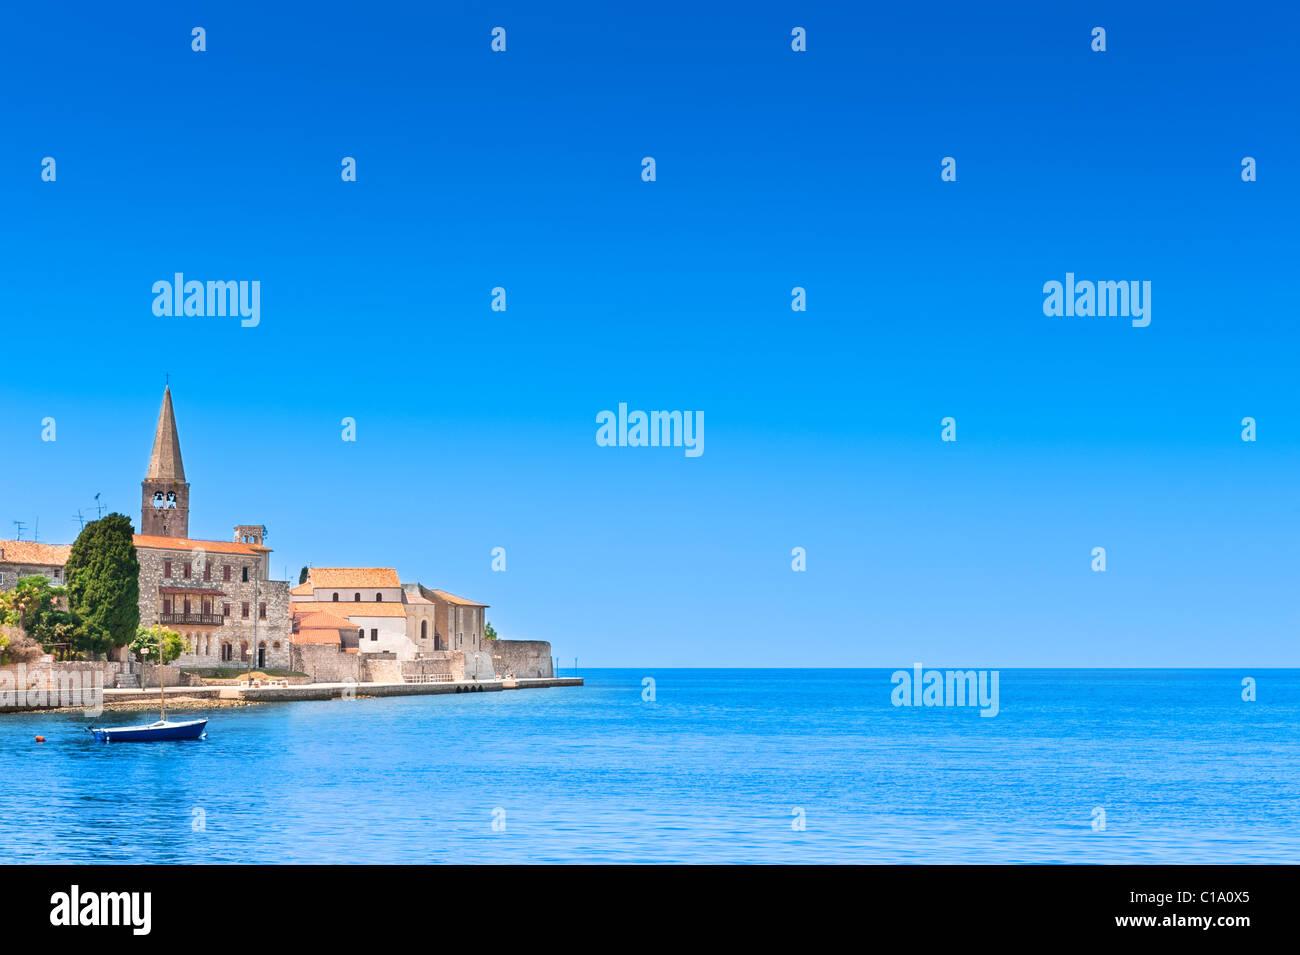 La vieille ville de Porec en Croatie, côte Adriatique, l'Istrie région, destination touristique populaire. Photo Stock